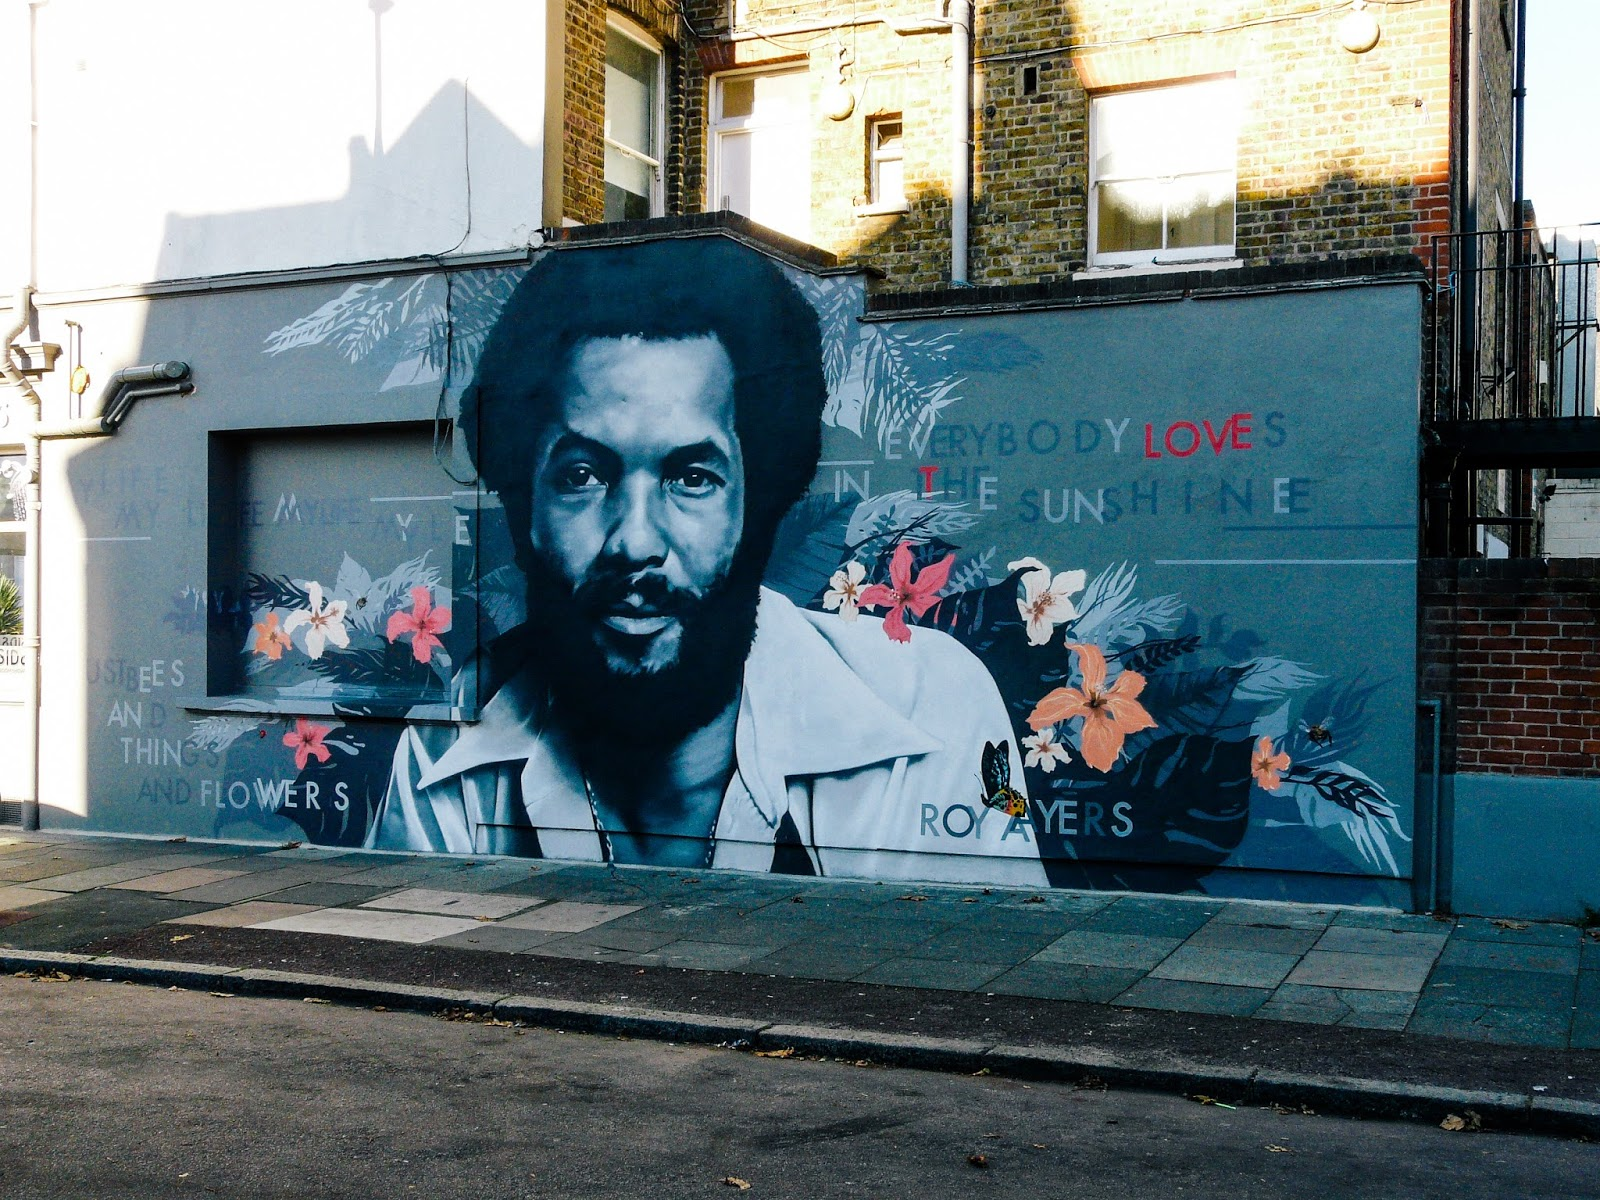 Roy Ayers Mural von Richard Wilson aus Brockley UK